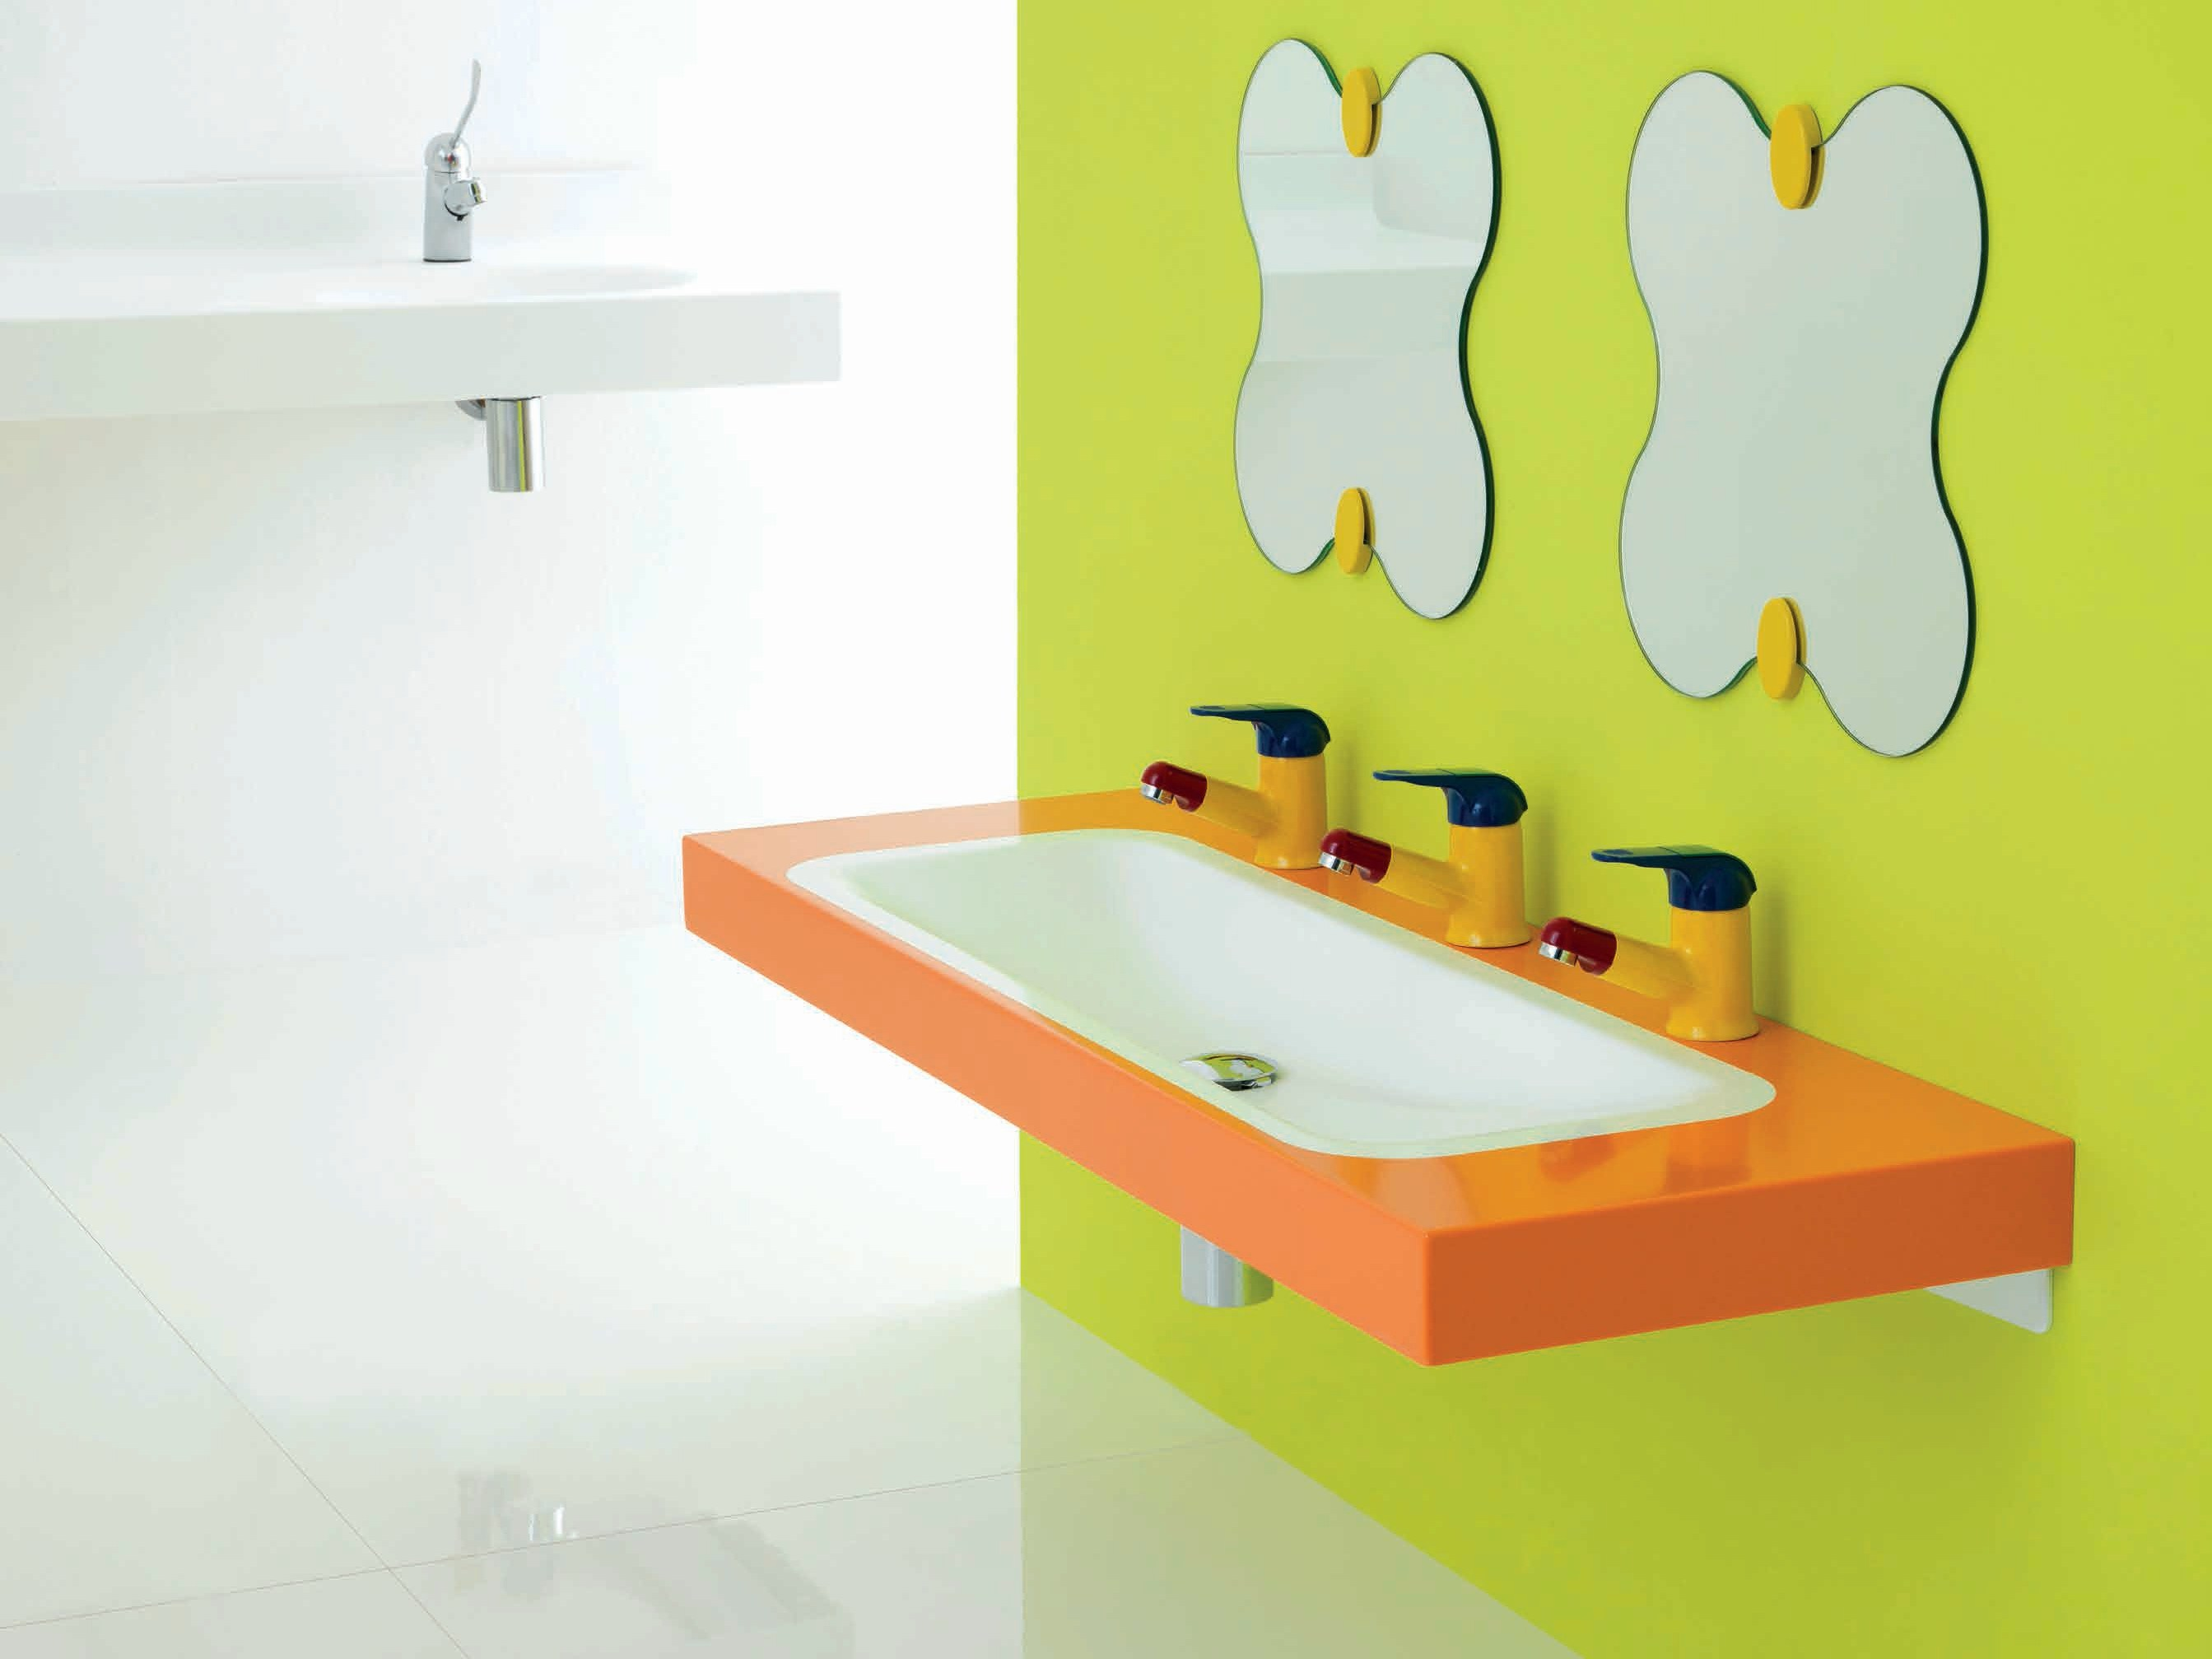 bagnocucciolo milk lavabo by ponte giulio. Black Bedroom Furniture Sets. Home Design Ideas